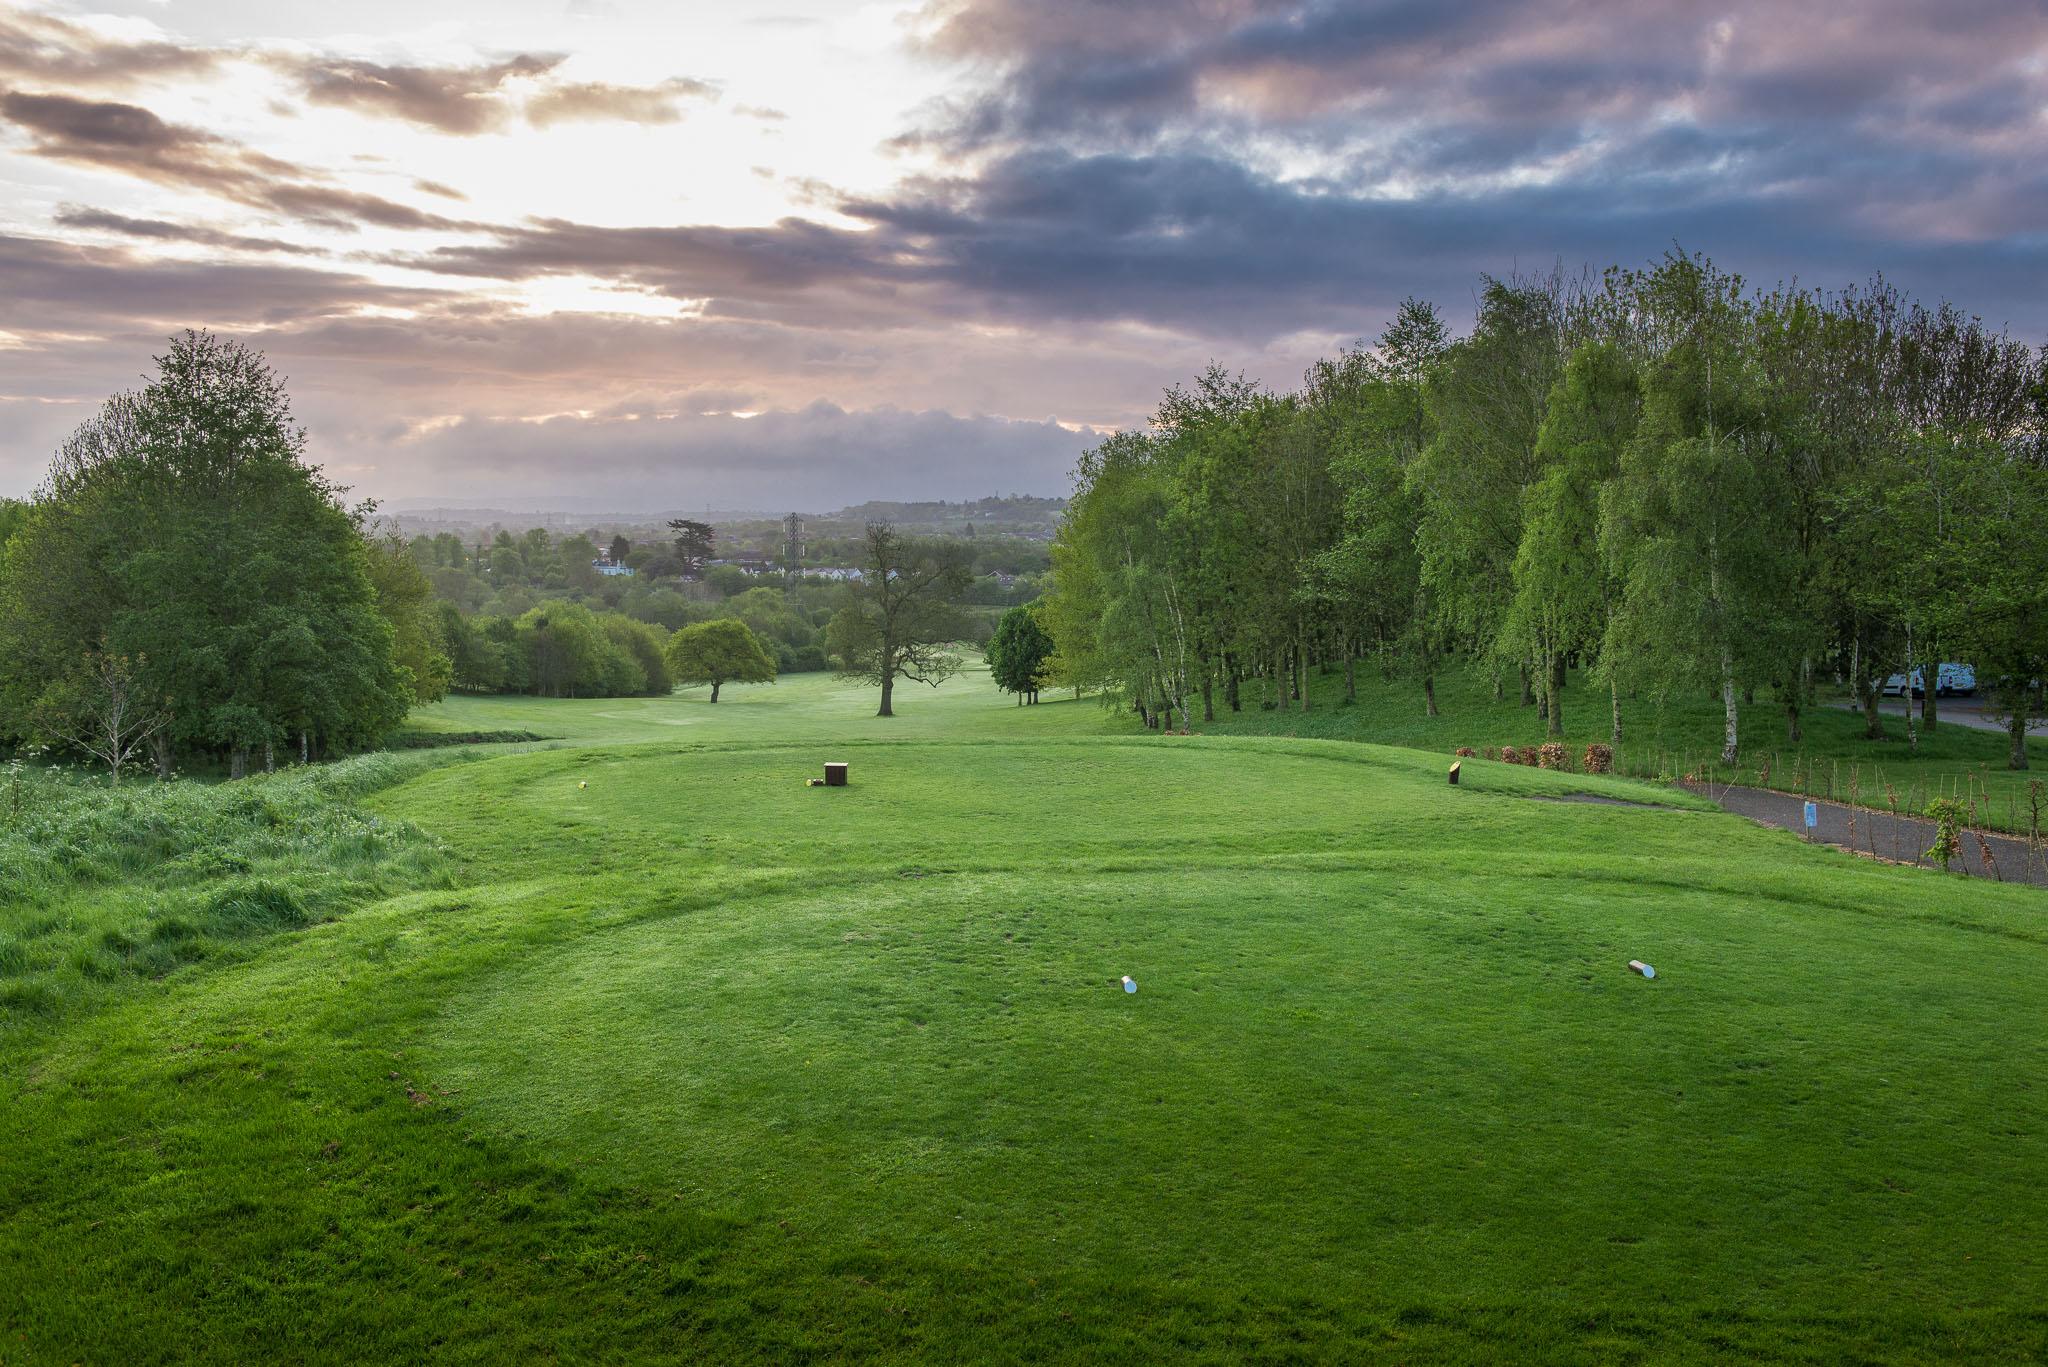 BGL_Thornbury_GolfCourse_AndyHiseman_72dpi_EmailWeb-19.jpg